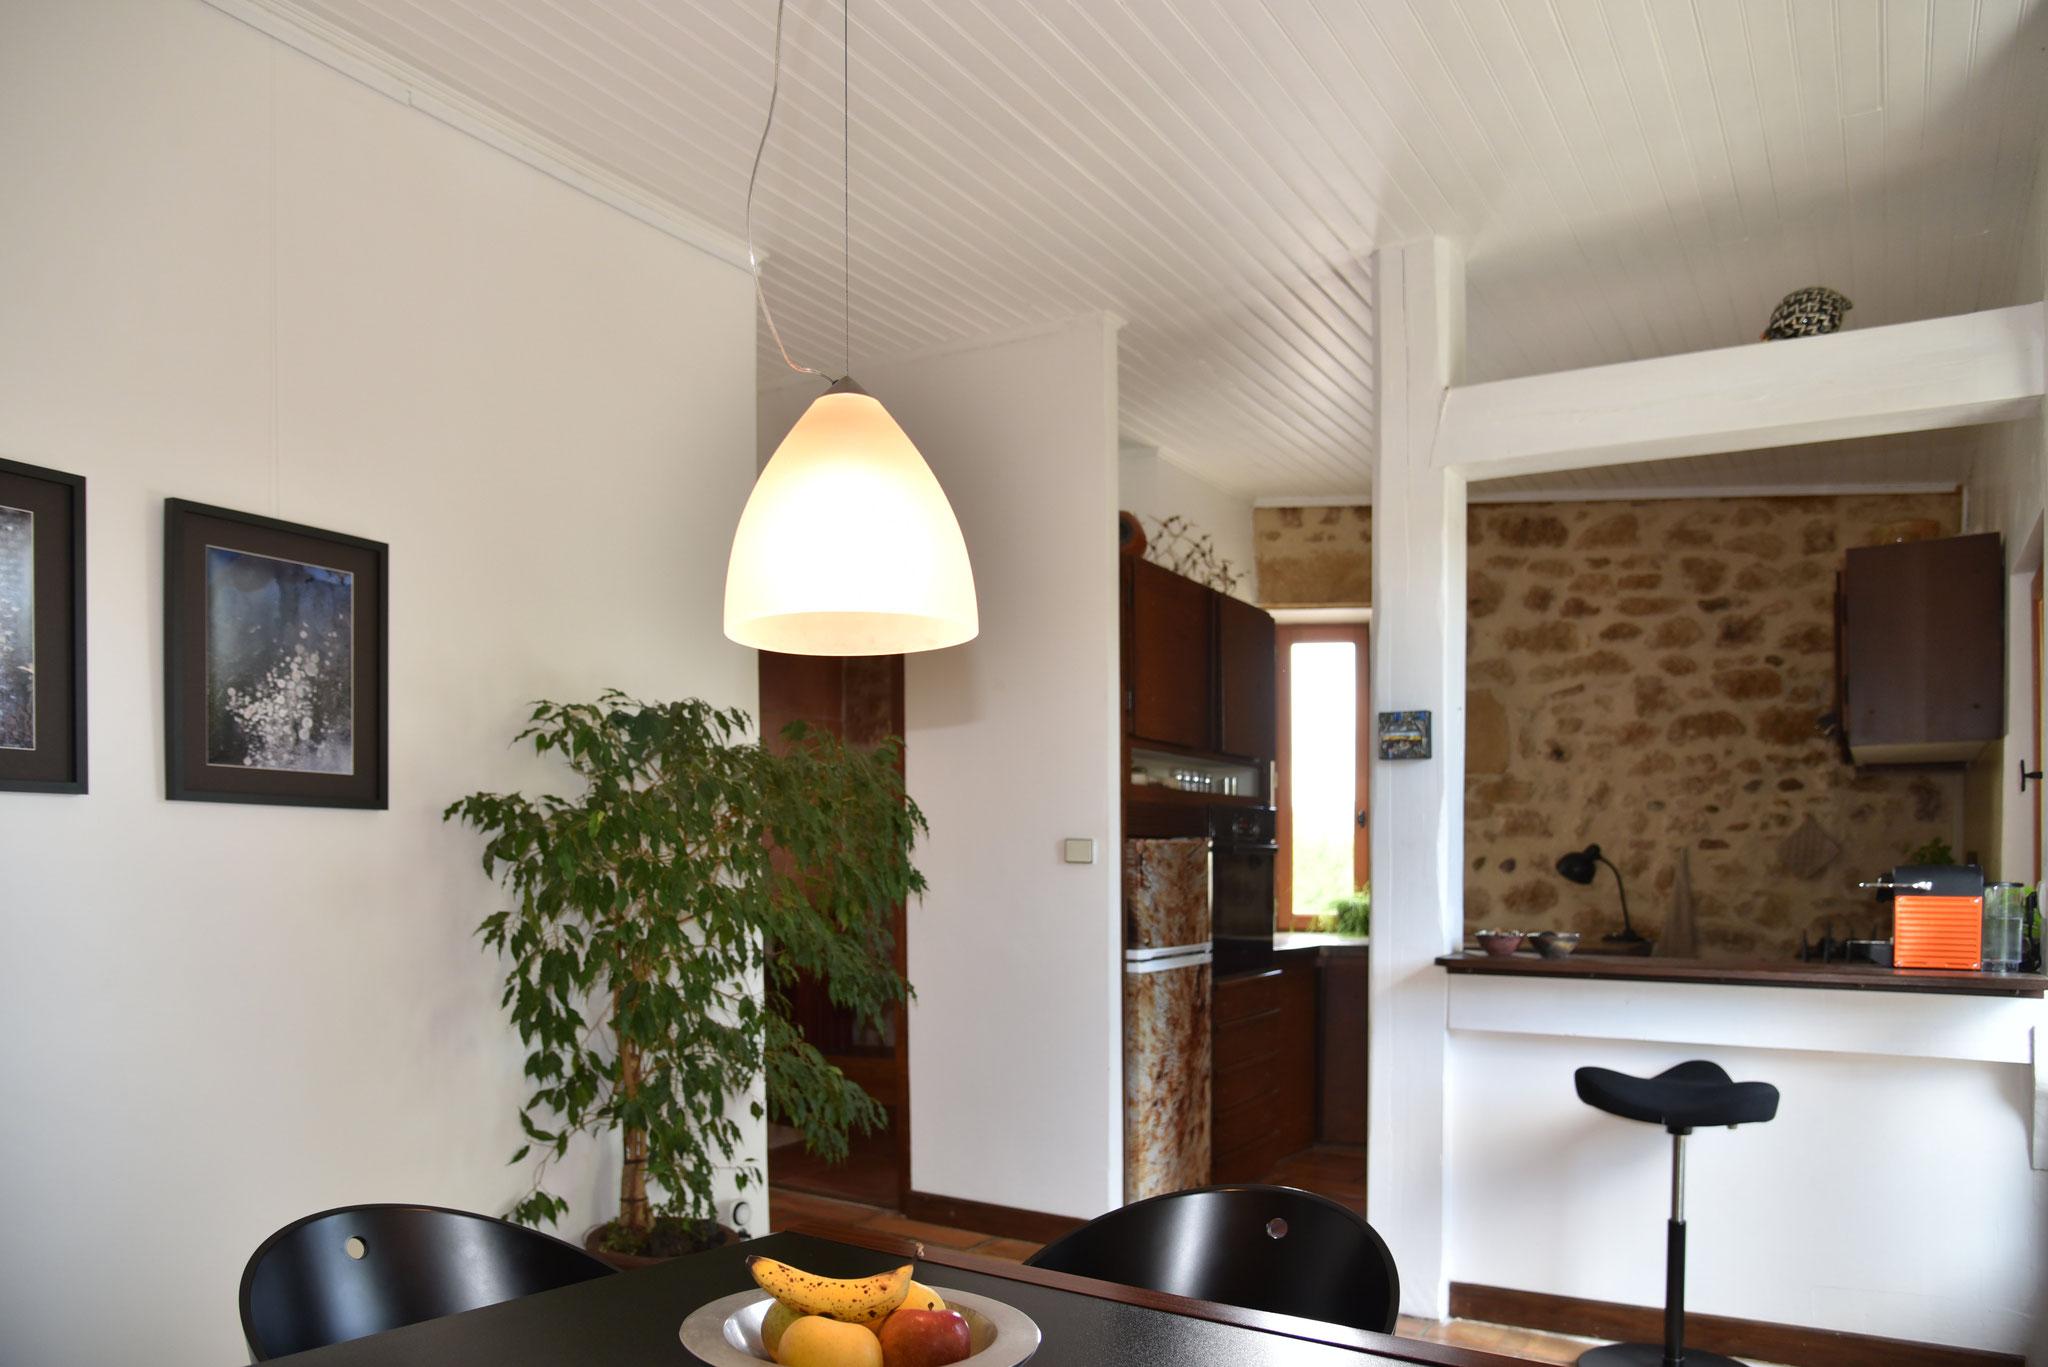 La Folie - Küche rechsts vom Eingang und Esszimmer im Eingangsbereich. Zugang zum Bad im EG